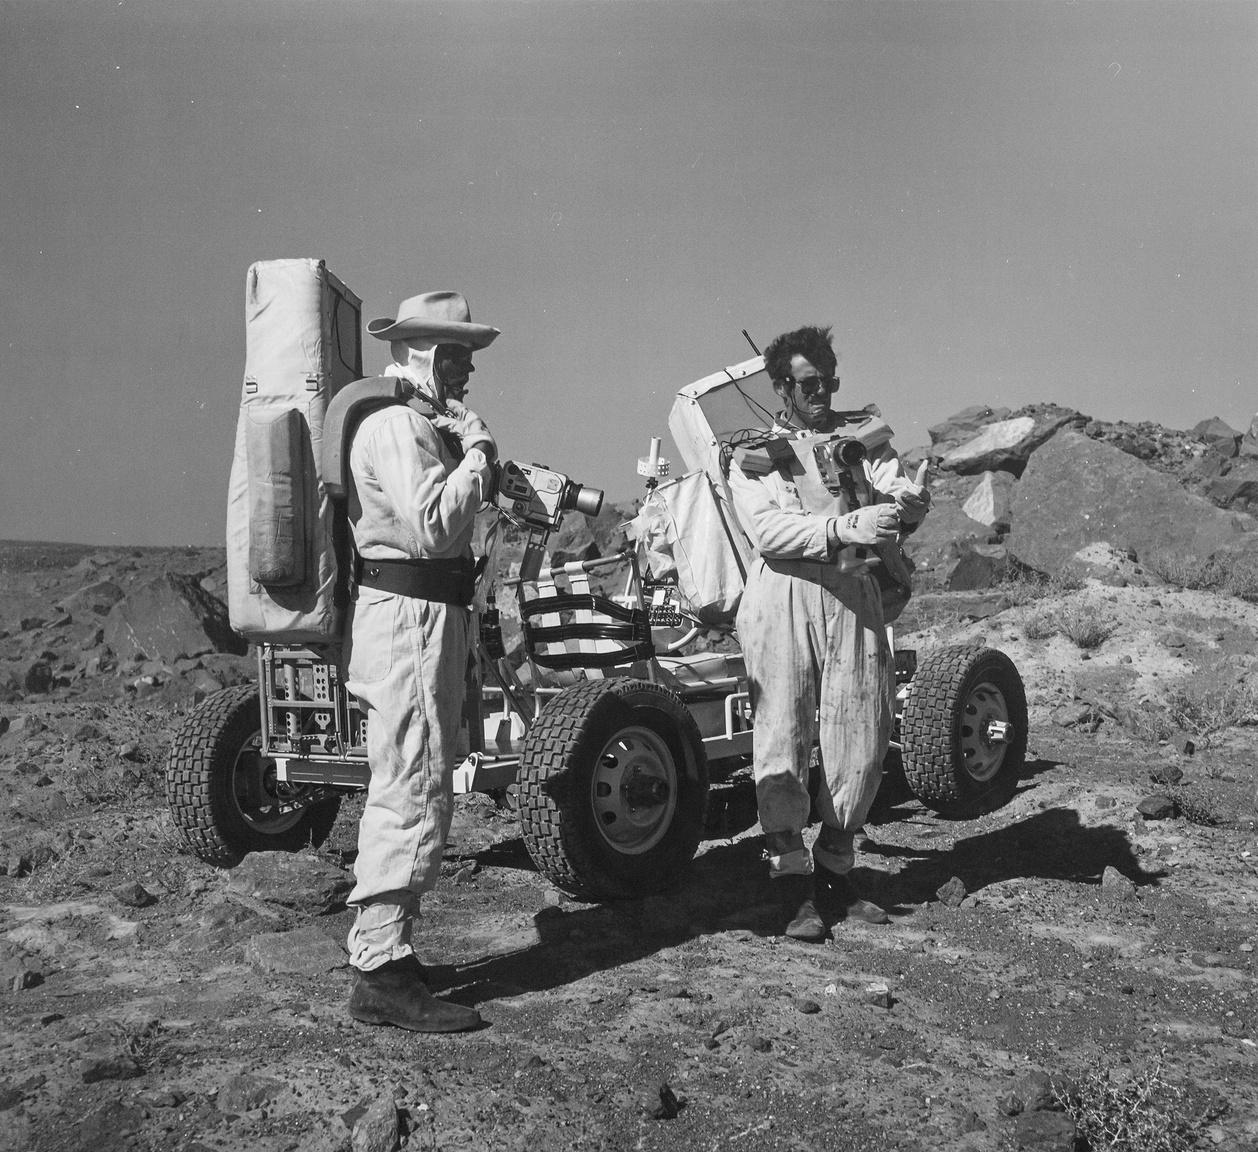 Az 1970-es évek elején az Apollo-14, -15, -16 és -17 küldetések űrhajósai Hold-kutató és kőzetmintagyűjtő terepgyakorlatokon vettek részt a nevadai föld alatti atomrobbantások két helyszínén, a Schooner- és a Sedan-kráterben (a robbantások évei: 1968 és 1965). Az űrhajósok a holdautó vezetését is gyakorolták a holdi kárterekhez hasonló méretű, talajszerkezetű mesterséges gödrök szélein, lejtős oldalain. A képen Charles Duke és John Young, az Apollo-16 asztronautái láthatók a Schooner-kráternél.